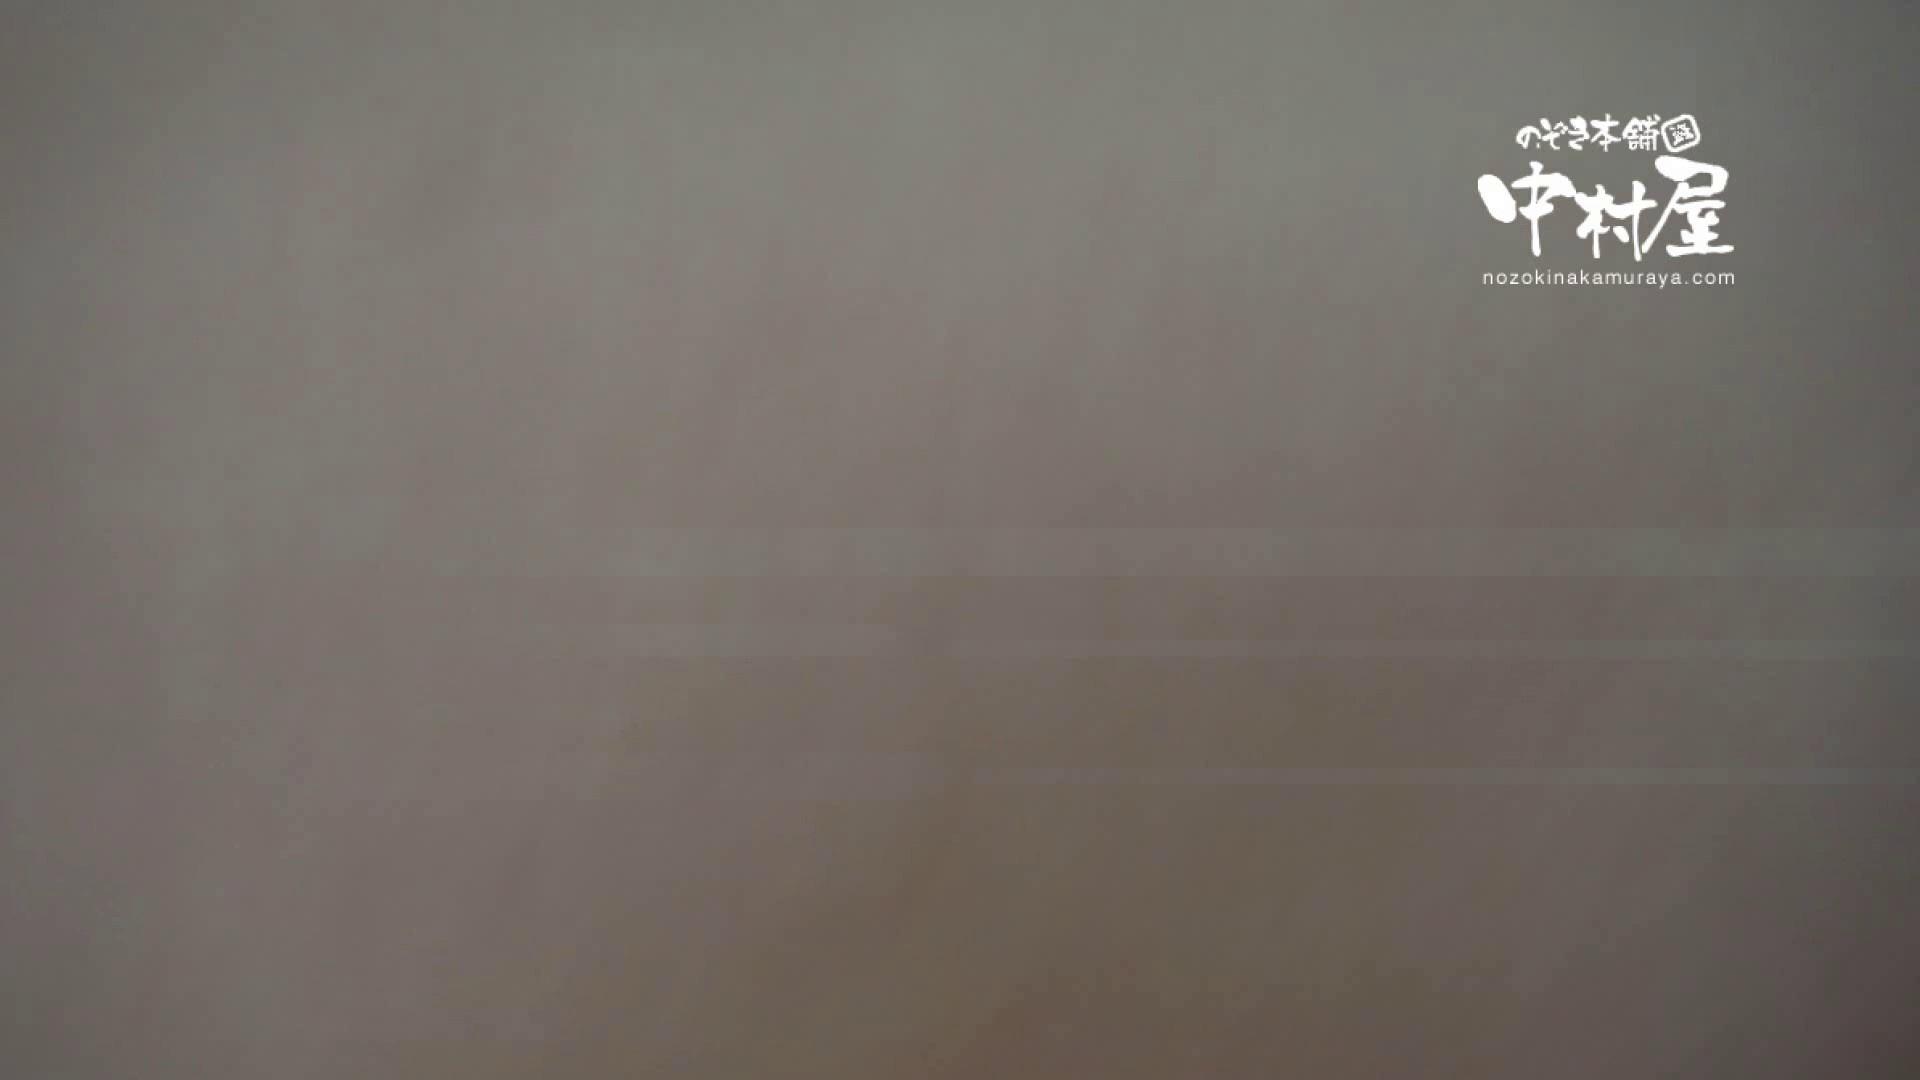 鬼畜 vol.16 実はマンざらでもない柔らかおっぱいちゃん 前編 おっぱい 盗撮動画紹介 95PIX 68